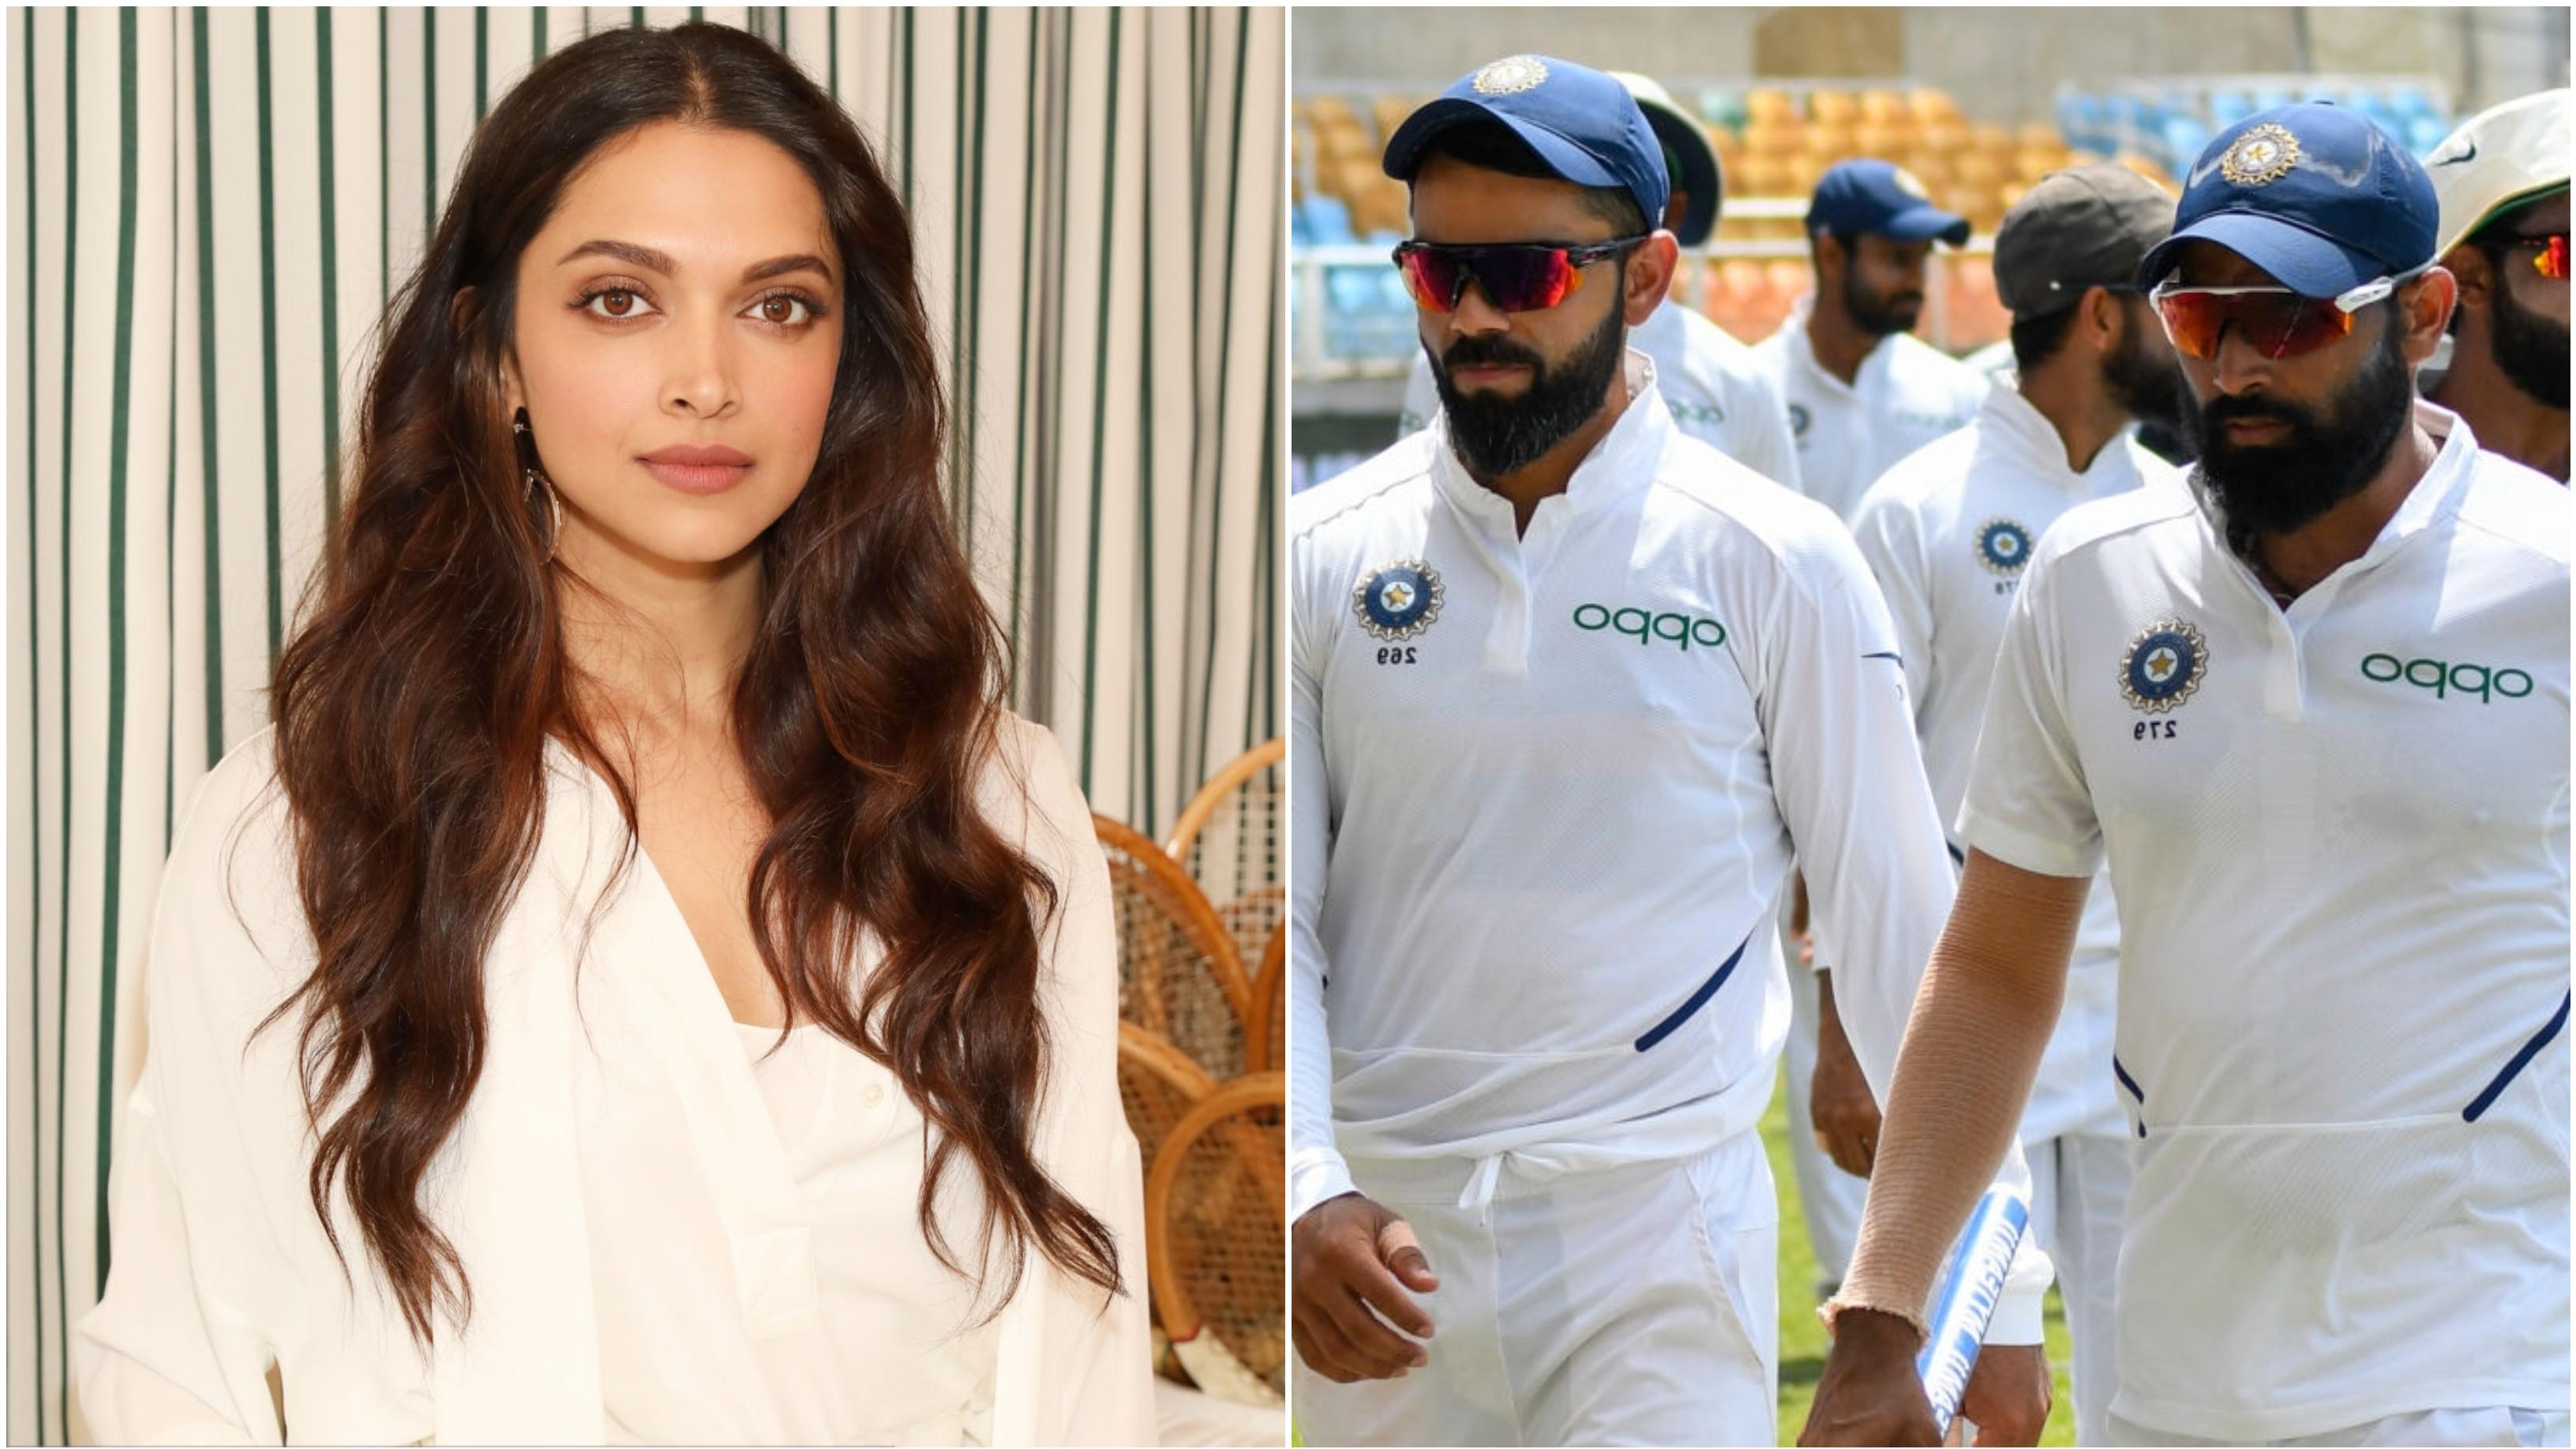 क्रिकेटरों से इस बारे में क्यों नहीं पूछा जाता ? : दीपिका पादुकोण ने #MeToo पर दी प्रतिक्रिया